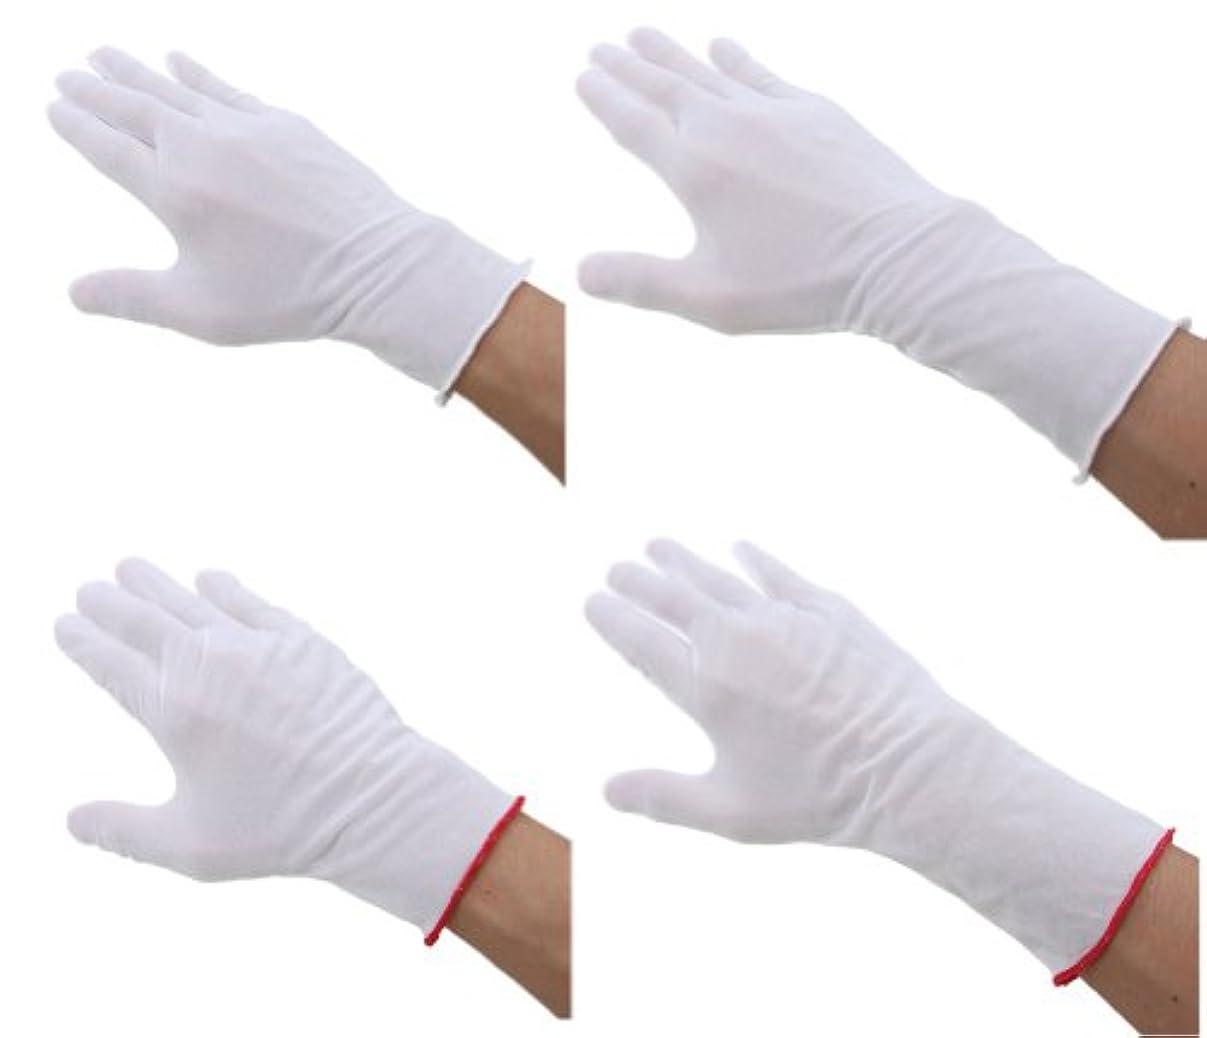 ウインセス 【通気性抜群!ゴム手袋の下履きに!/極薄インナー手袋】 約28cm (L/ロング)